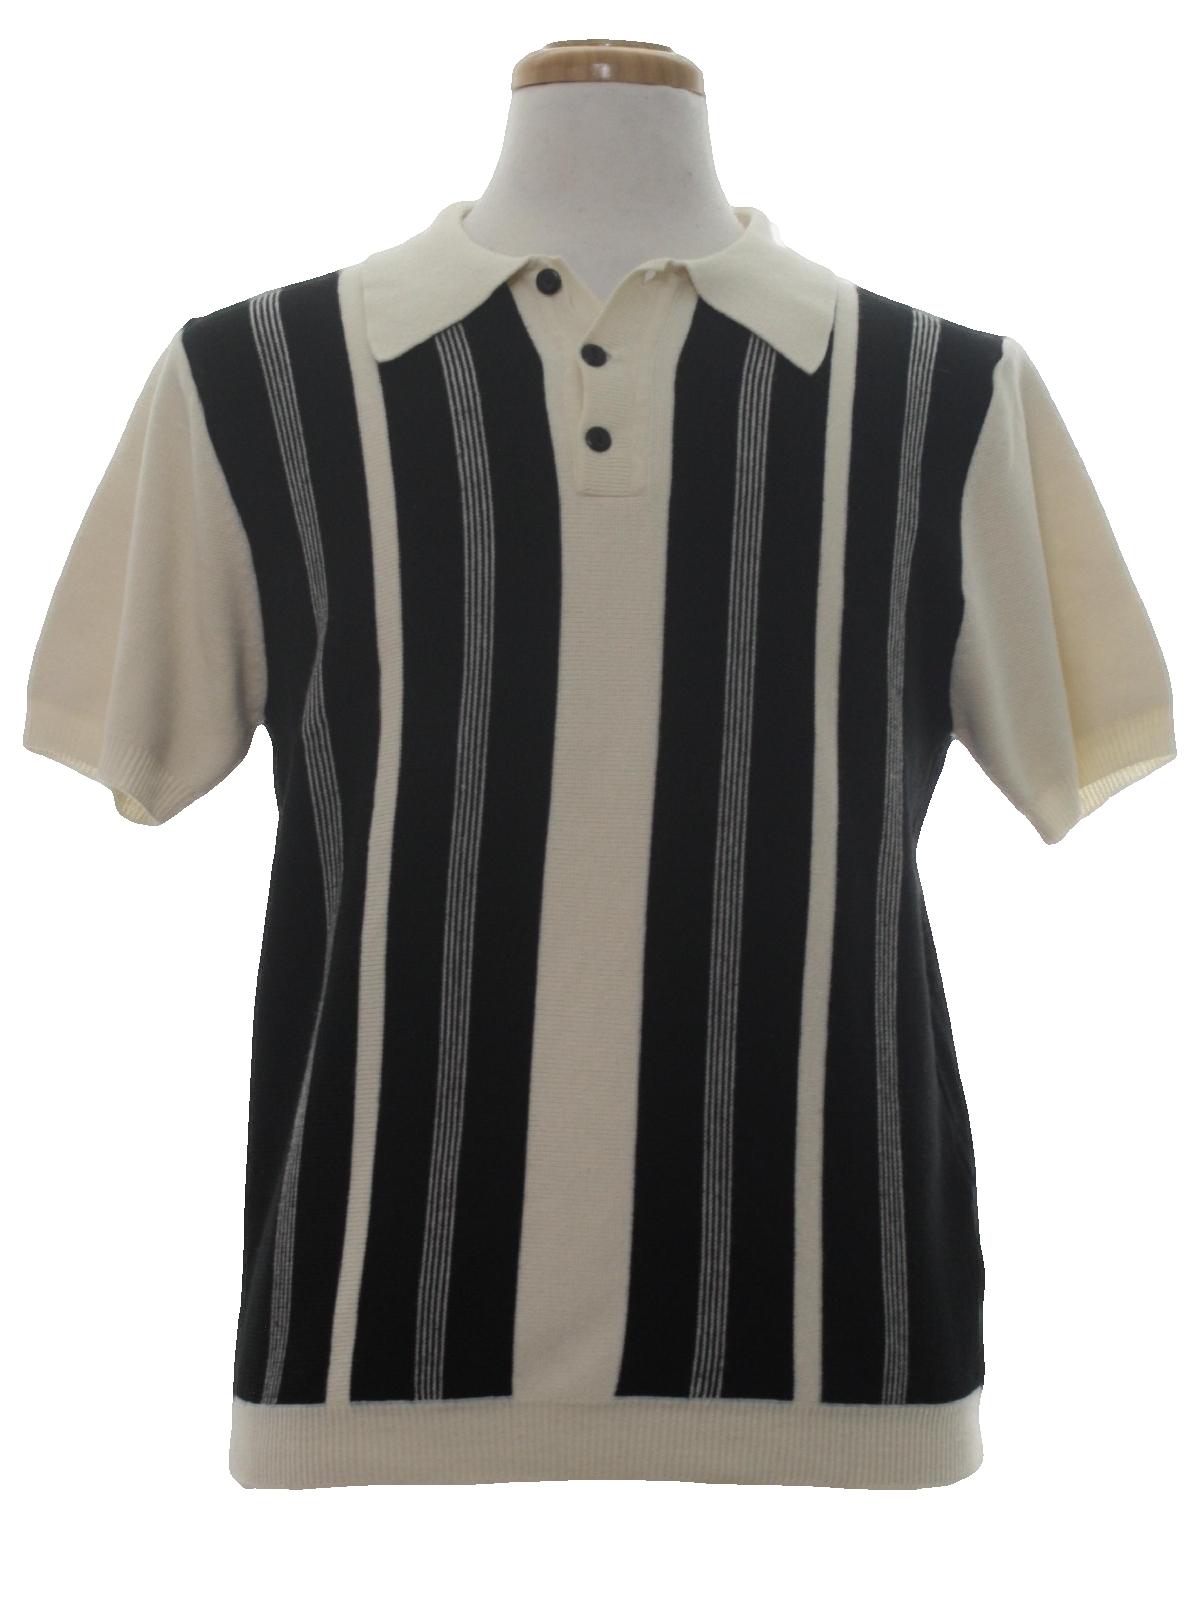 Mens Banded Shirts